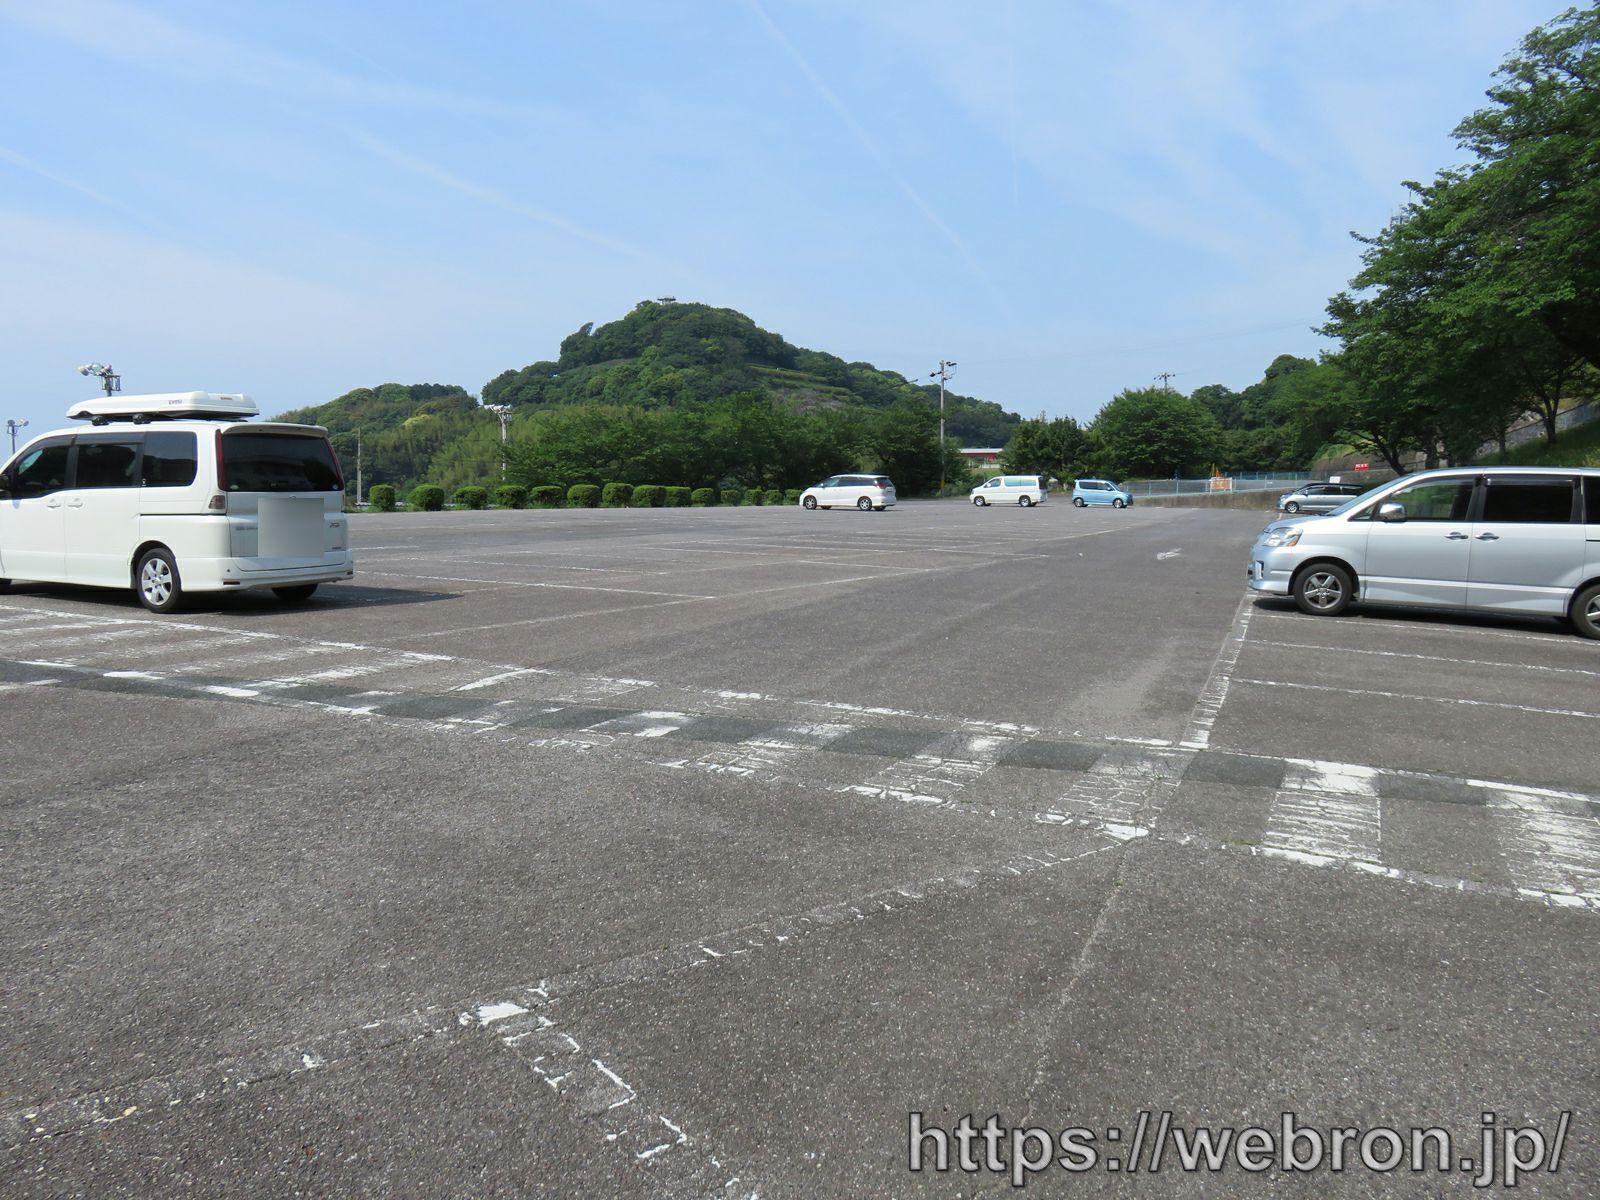 愛知こどもの国の駐車場